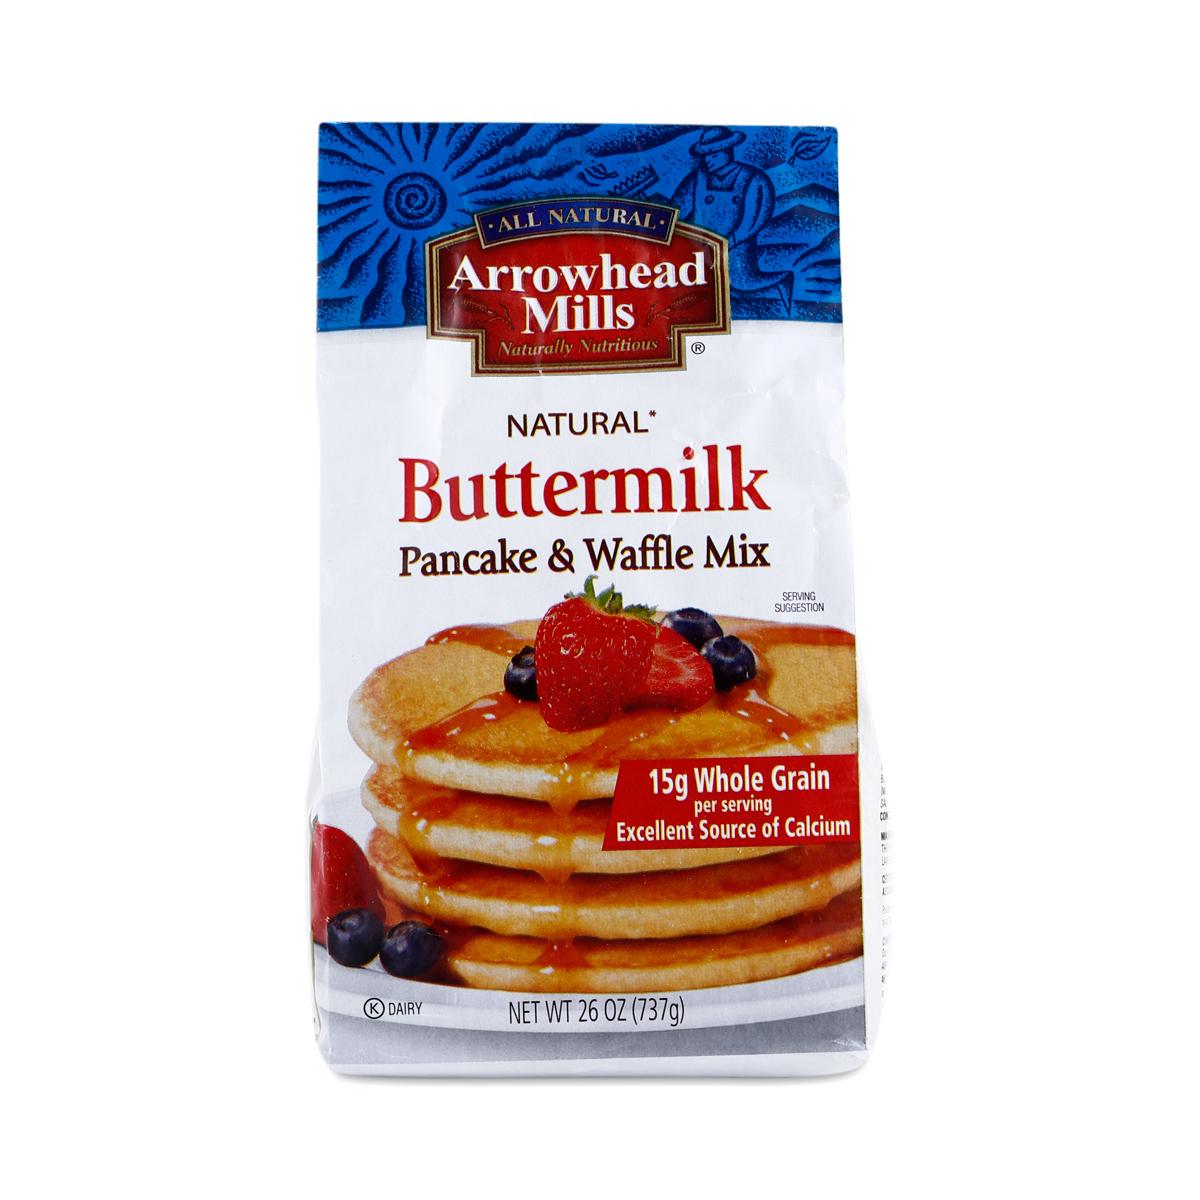 Arrowhead mills buttermilk pancake mix